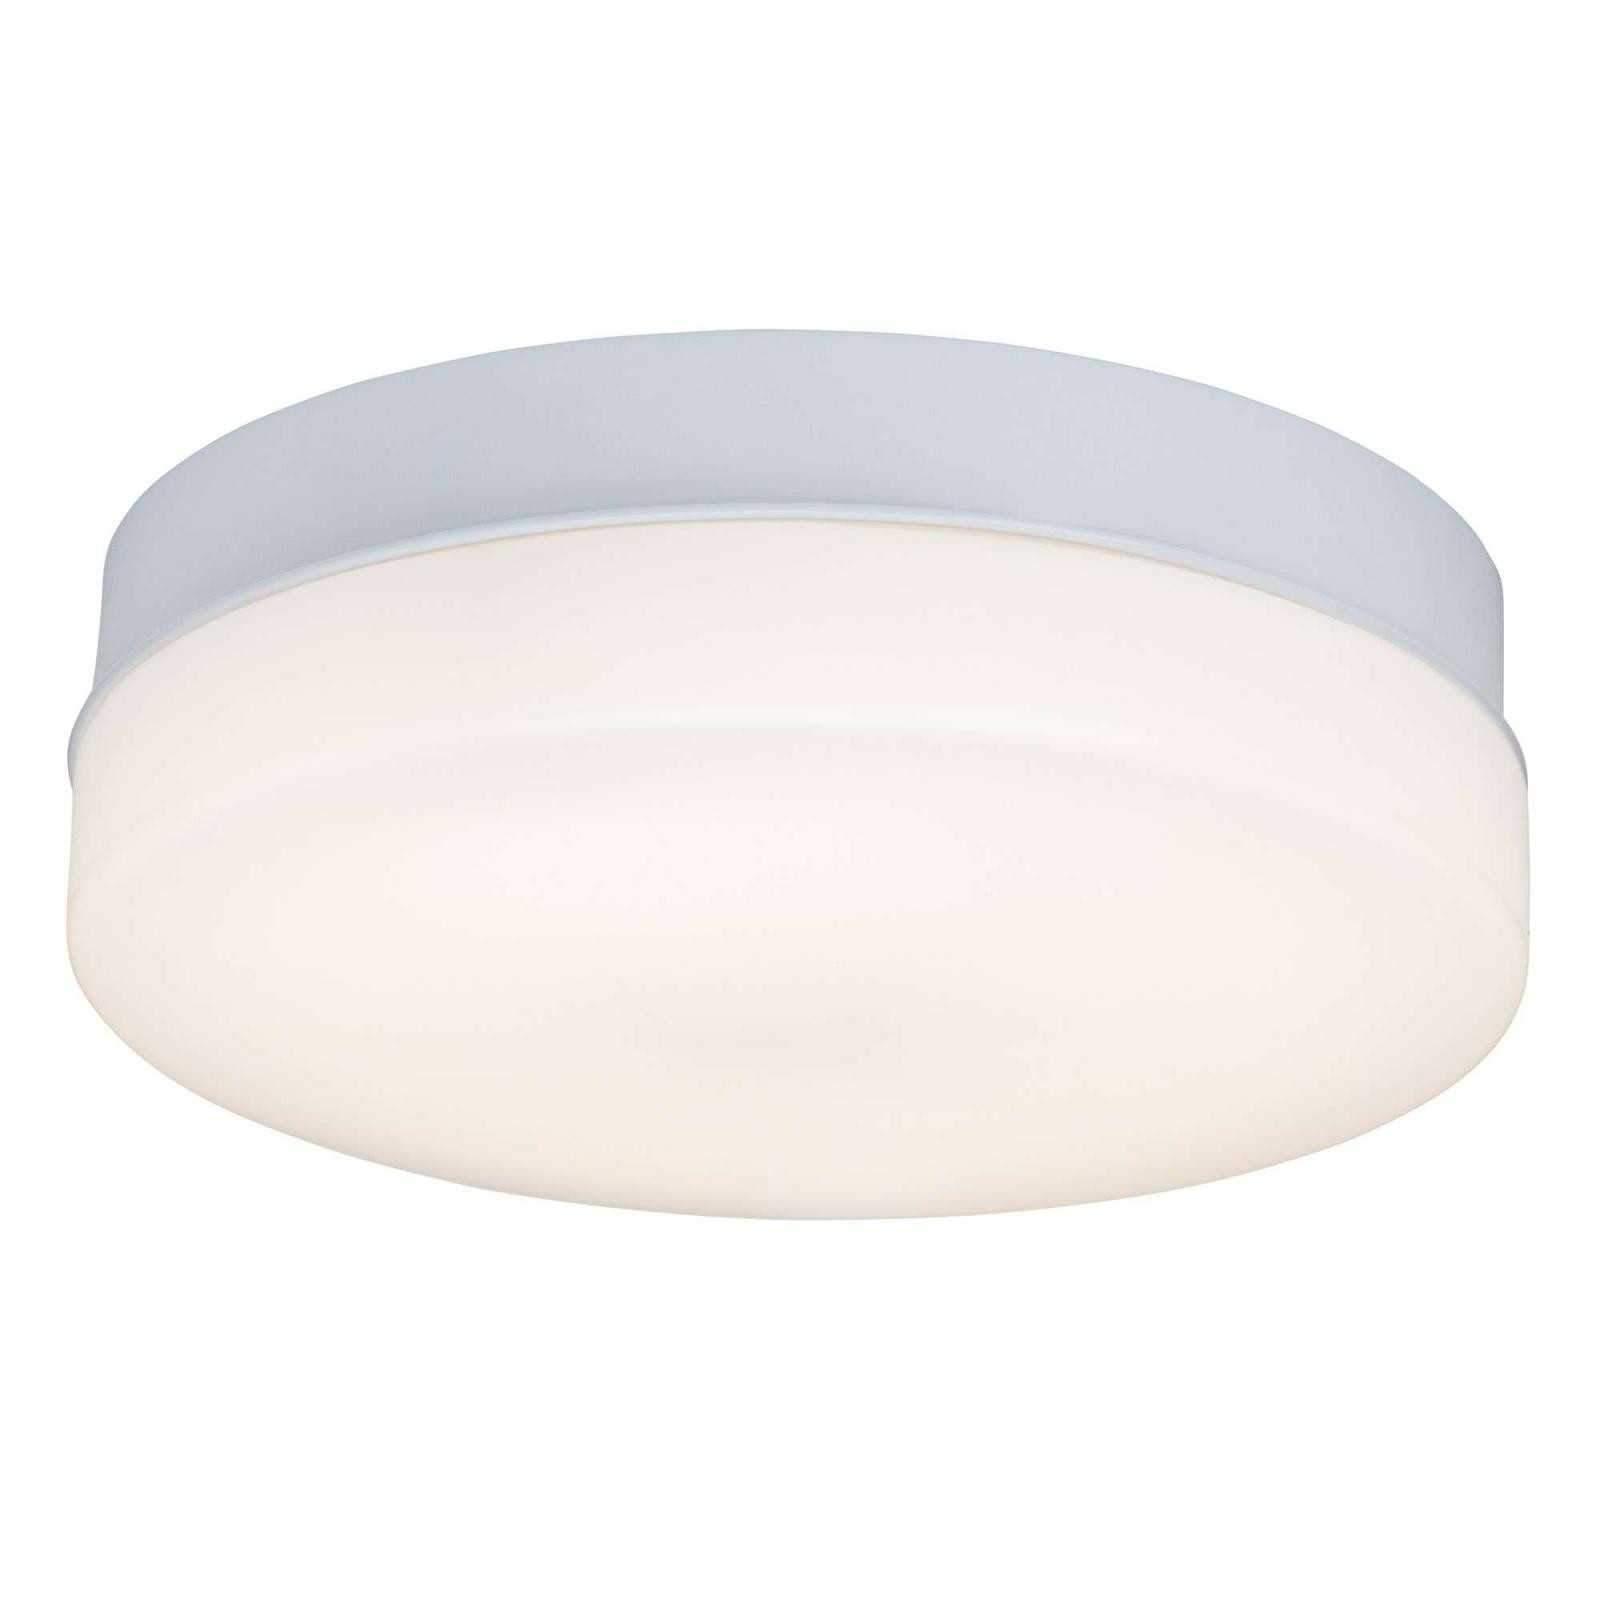 wohnzimmer beleuchtung led frisch 37 einzigartig von wohnzimmer lampe led design of wohnzimmer beleuchtung led